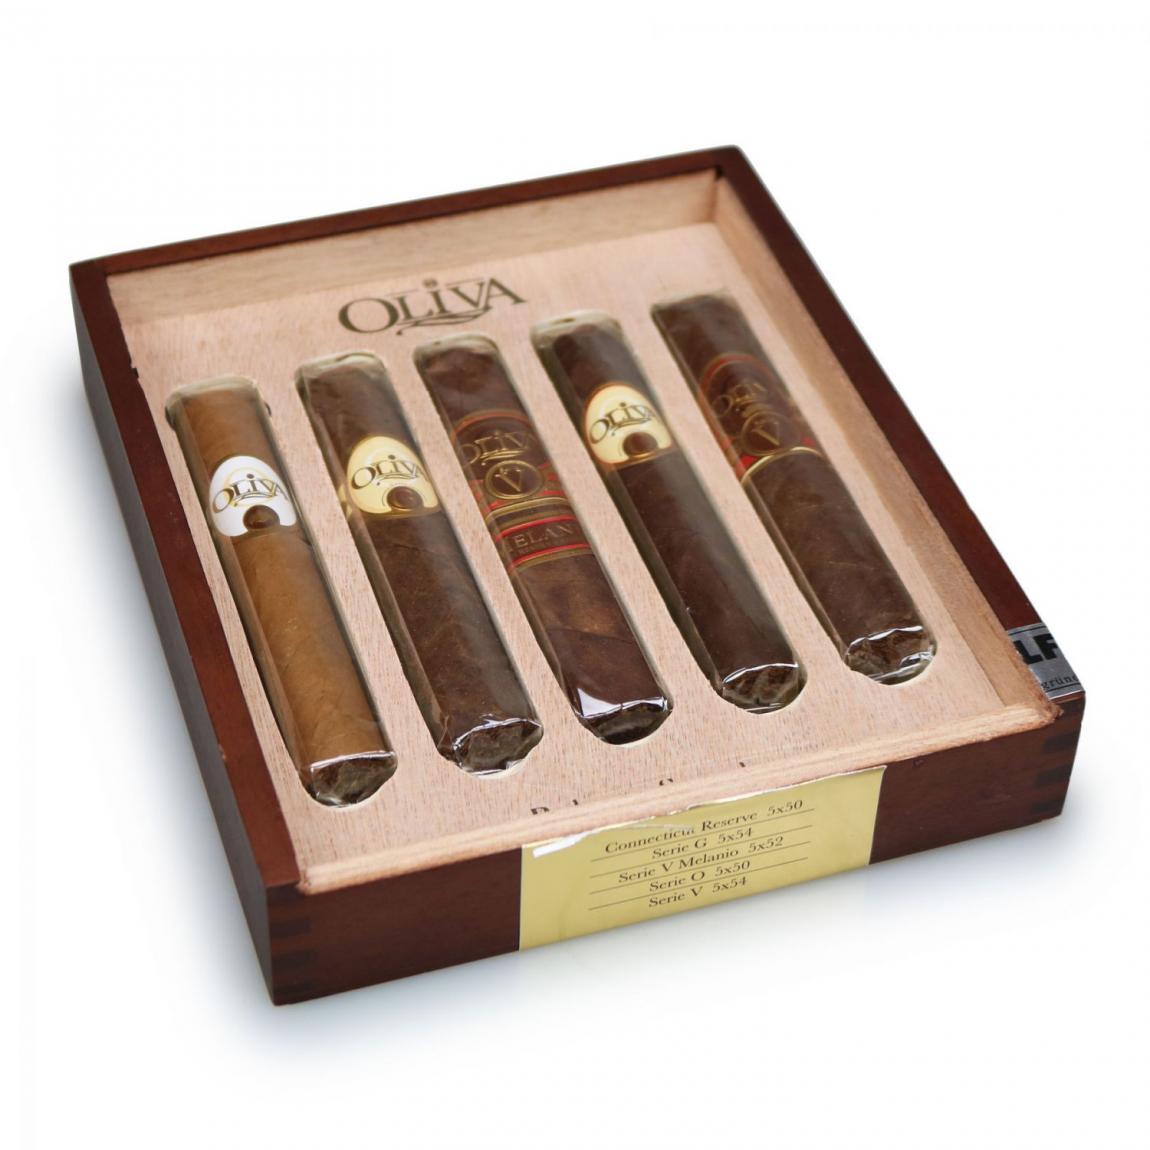 Oliva Robusto Variety Sampler 5er Box